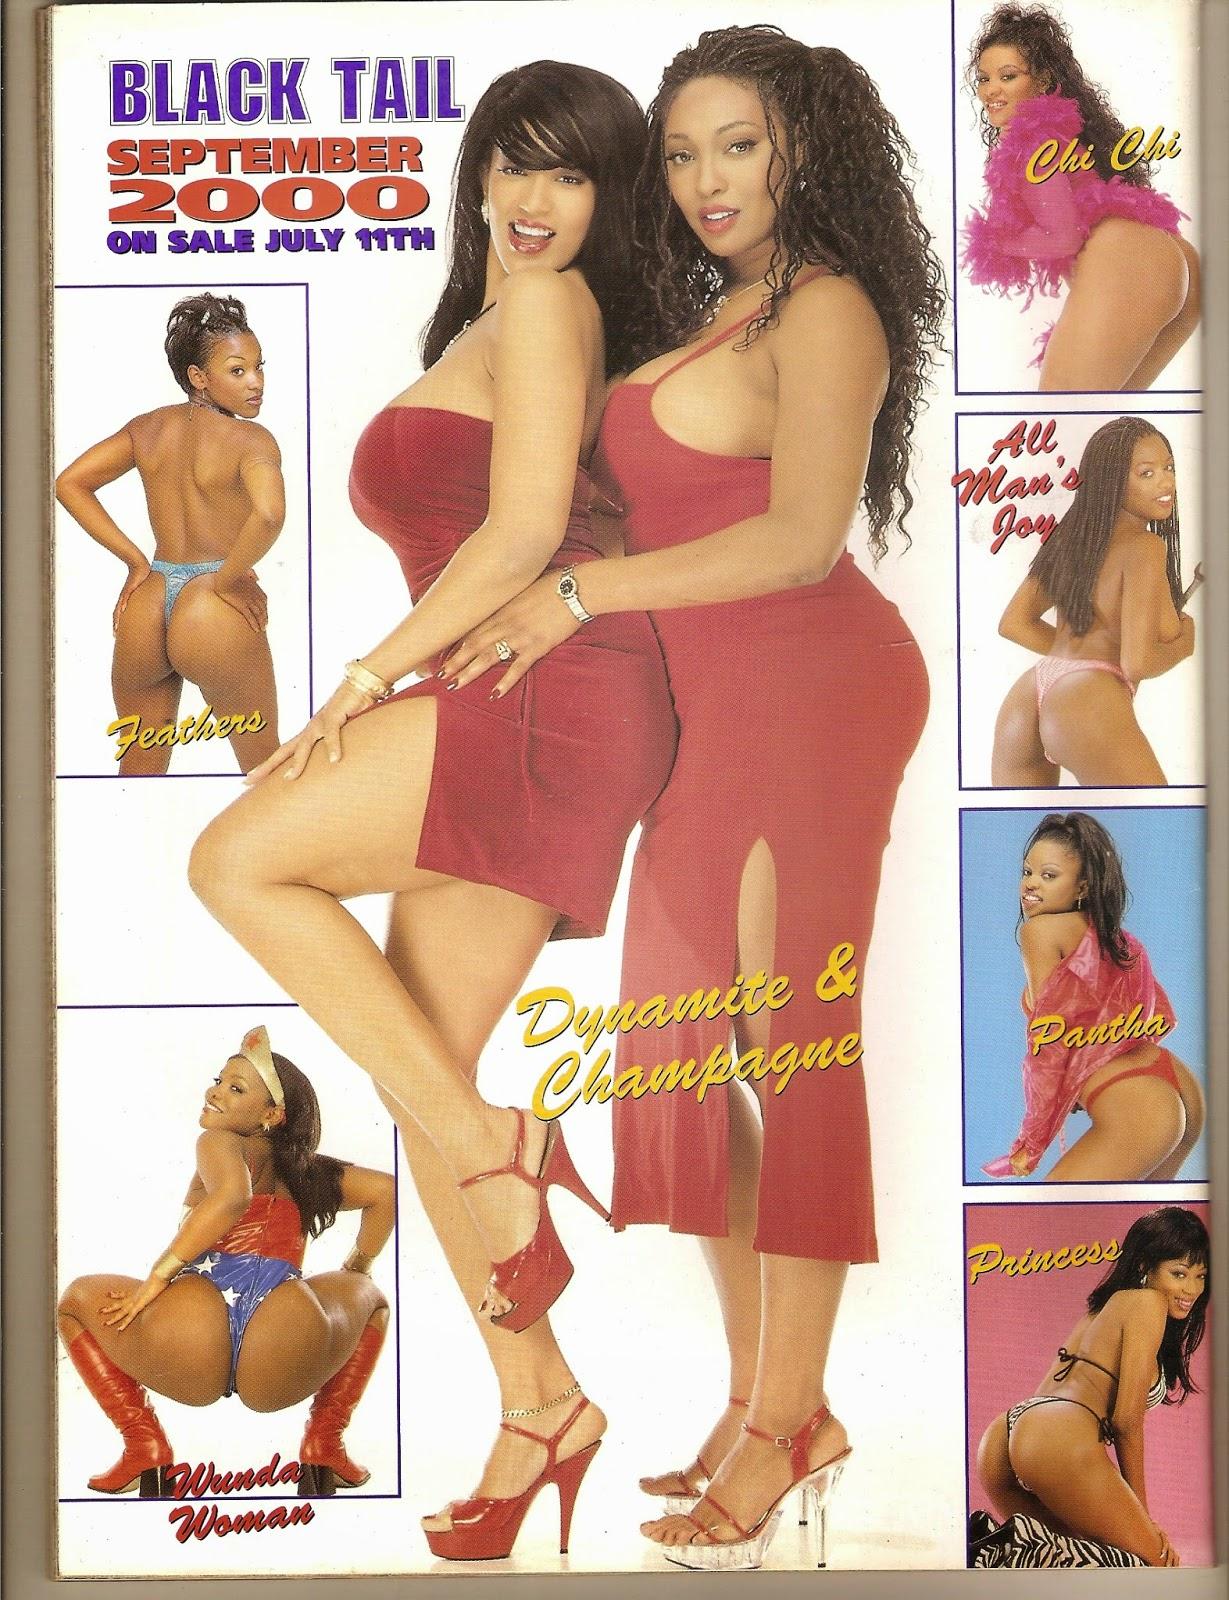 2000 Xxx Movies - Slut wife porn magazine covers xxx - Pussy magazine covers black tail  magazine back issues august